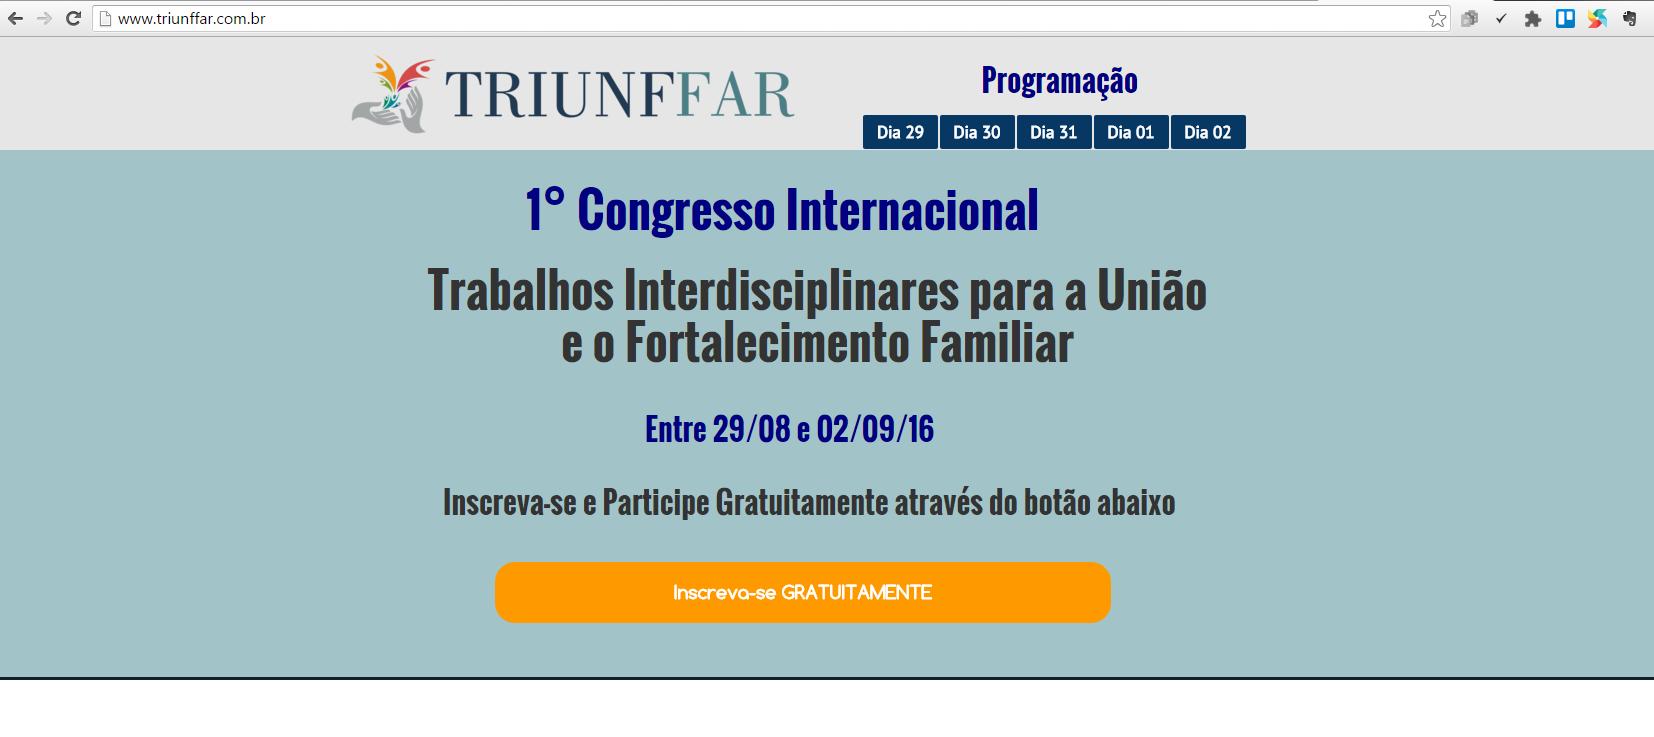 TRIUNFFAR - I congresso online gratuito de Trabalhos Interdisciplinares para a União e Fortalecimento Familiar